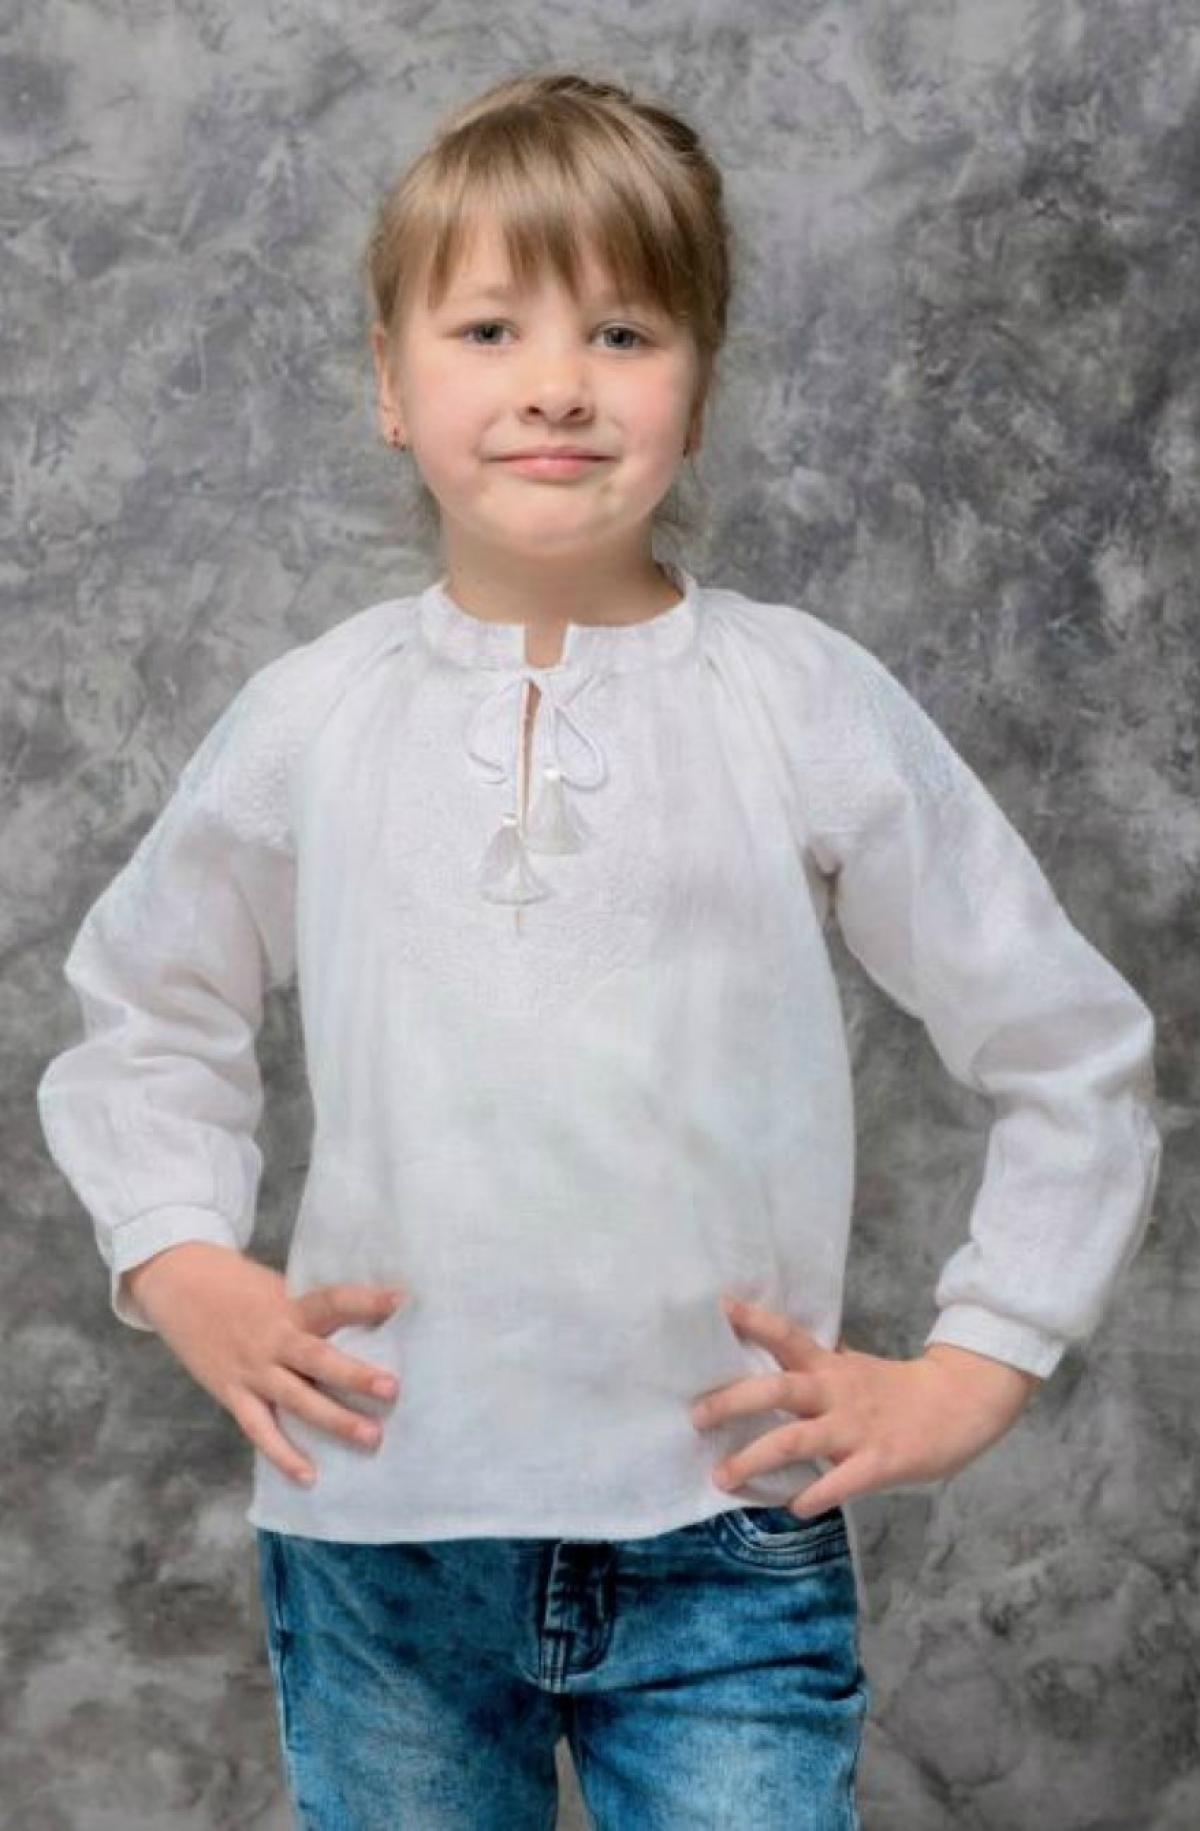 Вишиванка для дівчинки біла по білому. Фото №1. | Народний дім Україна